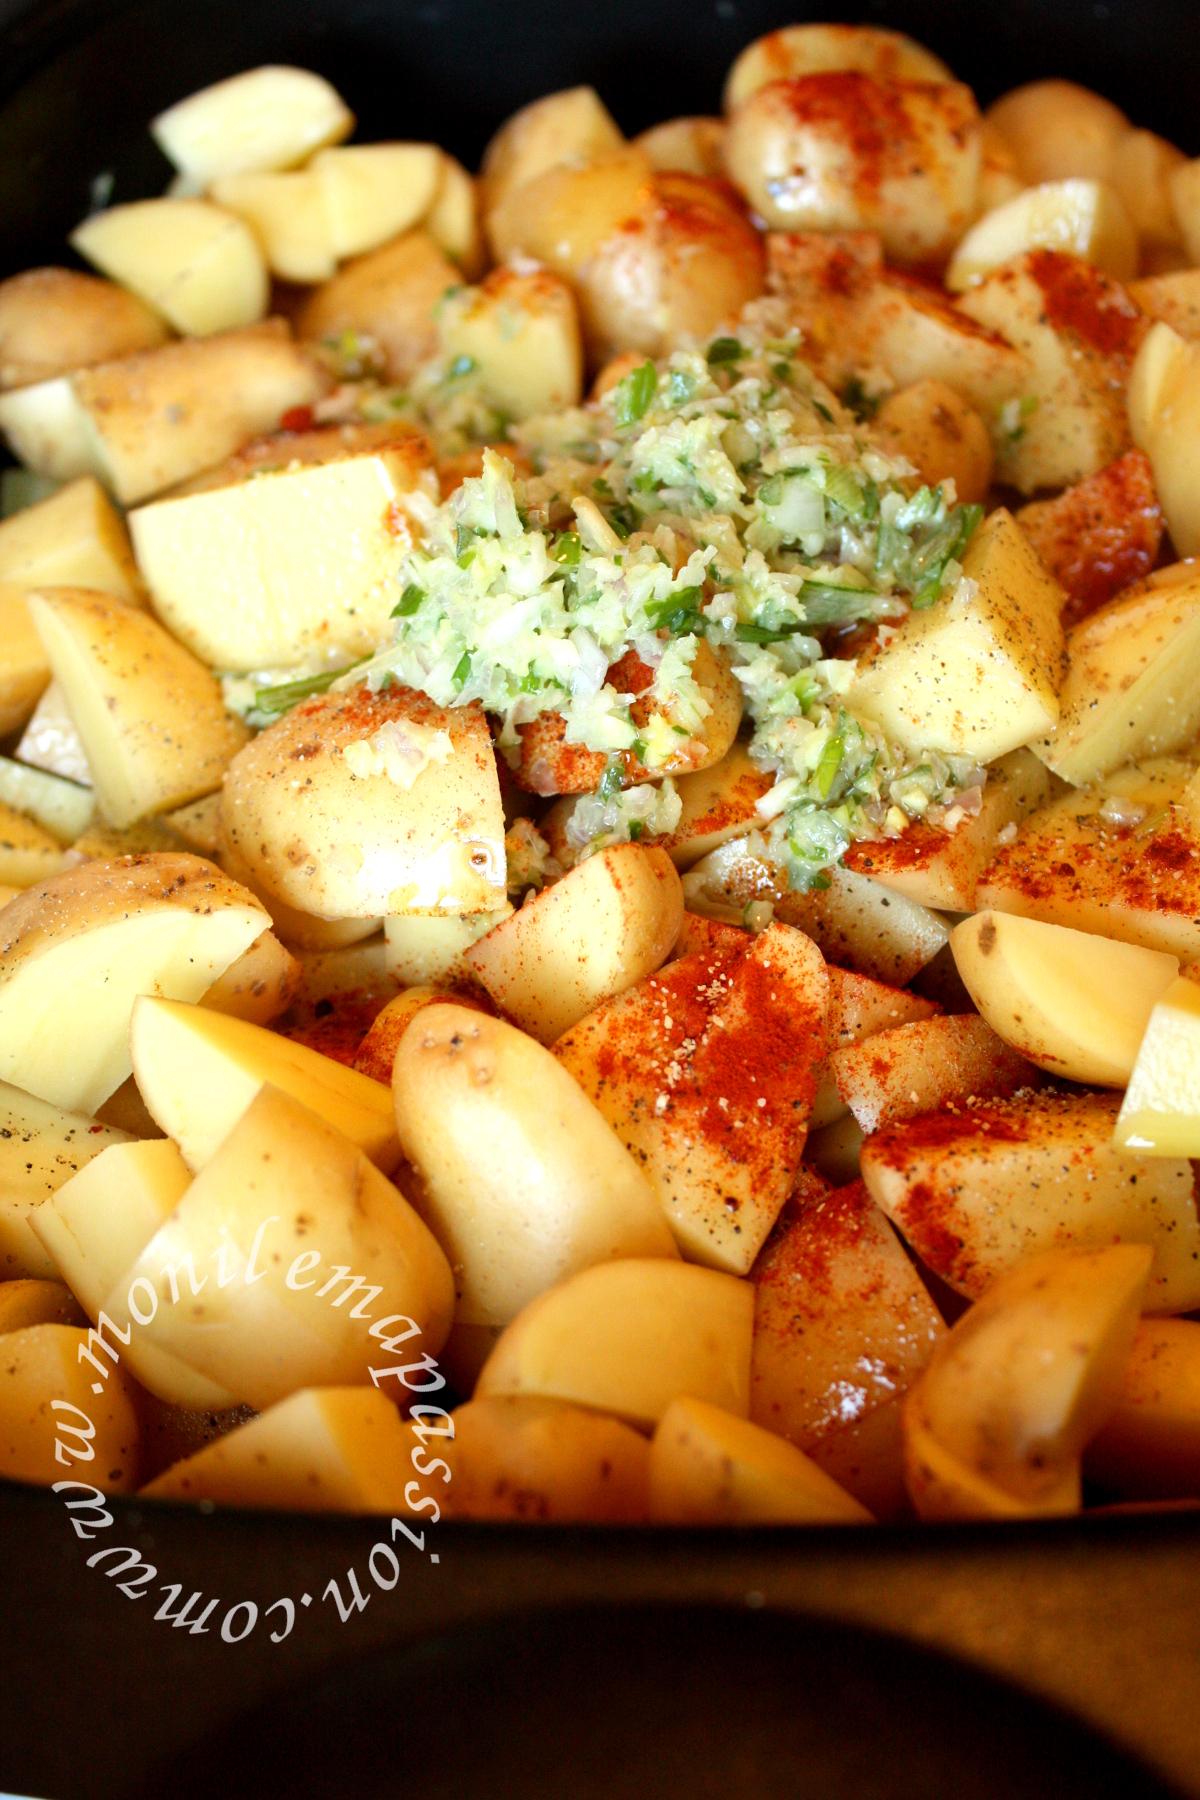 Poulet rôti à la citronnelle et au gingembre - Lemongrass & ginger roasted chicken